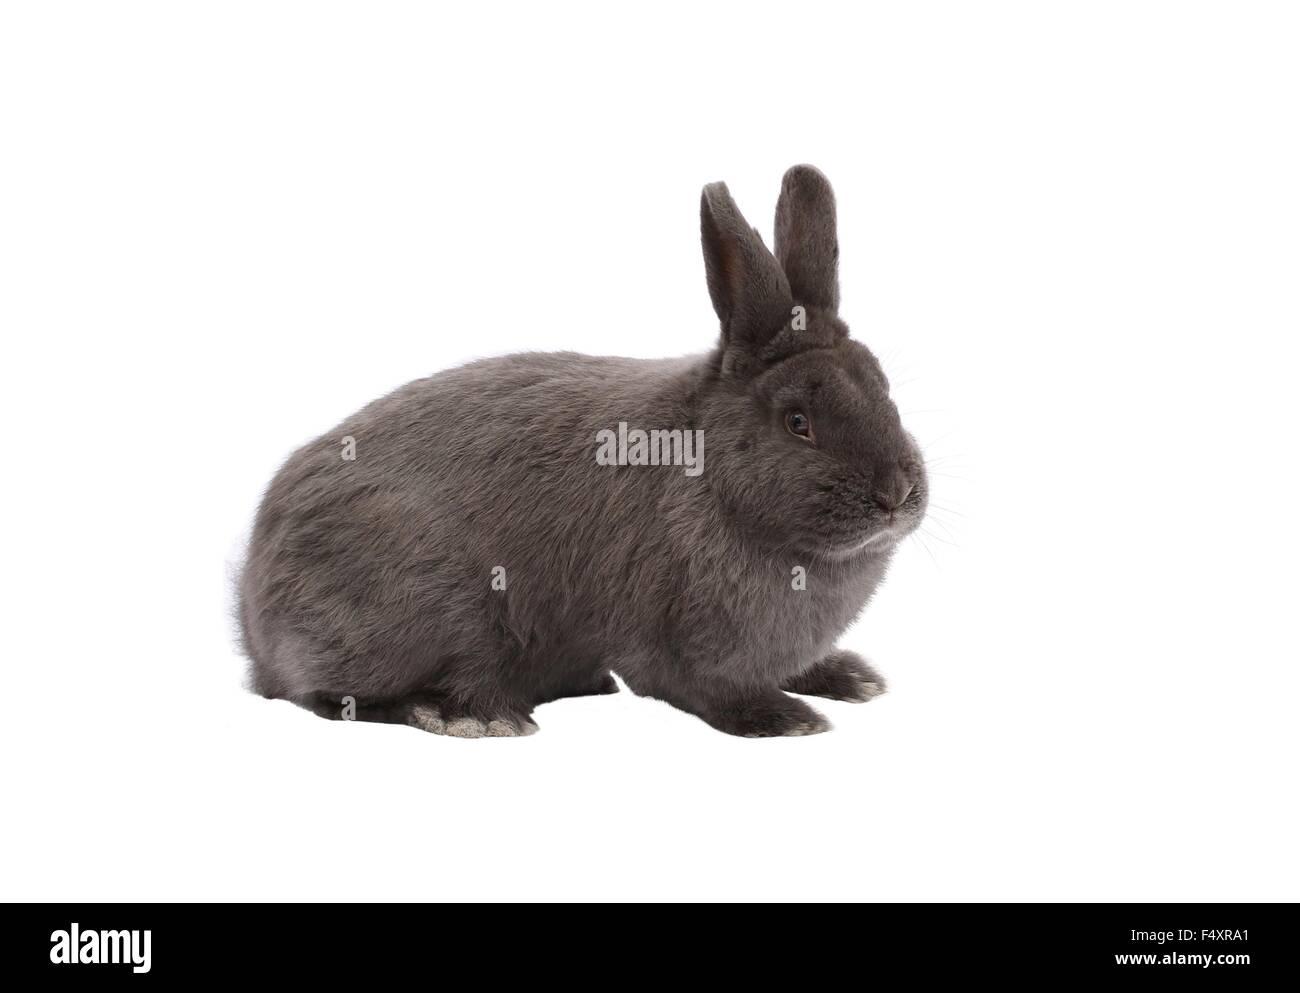 Les goélands à Vienne de race lapin bleu sur fond blanc Photo Stock